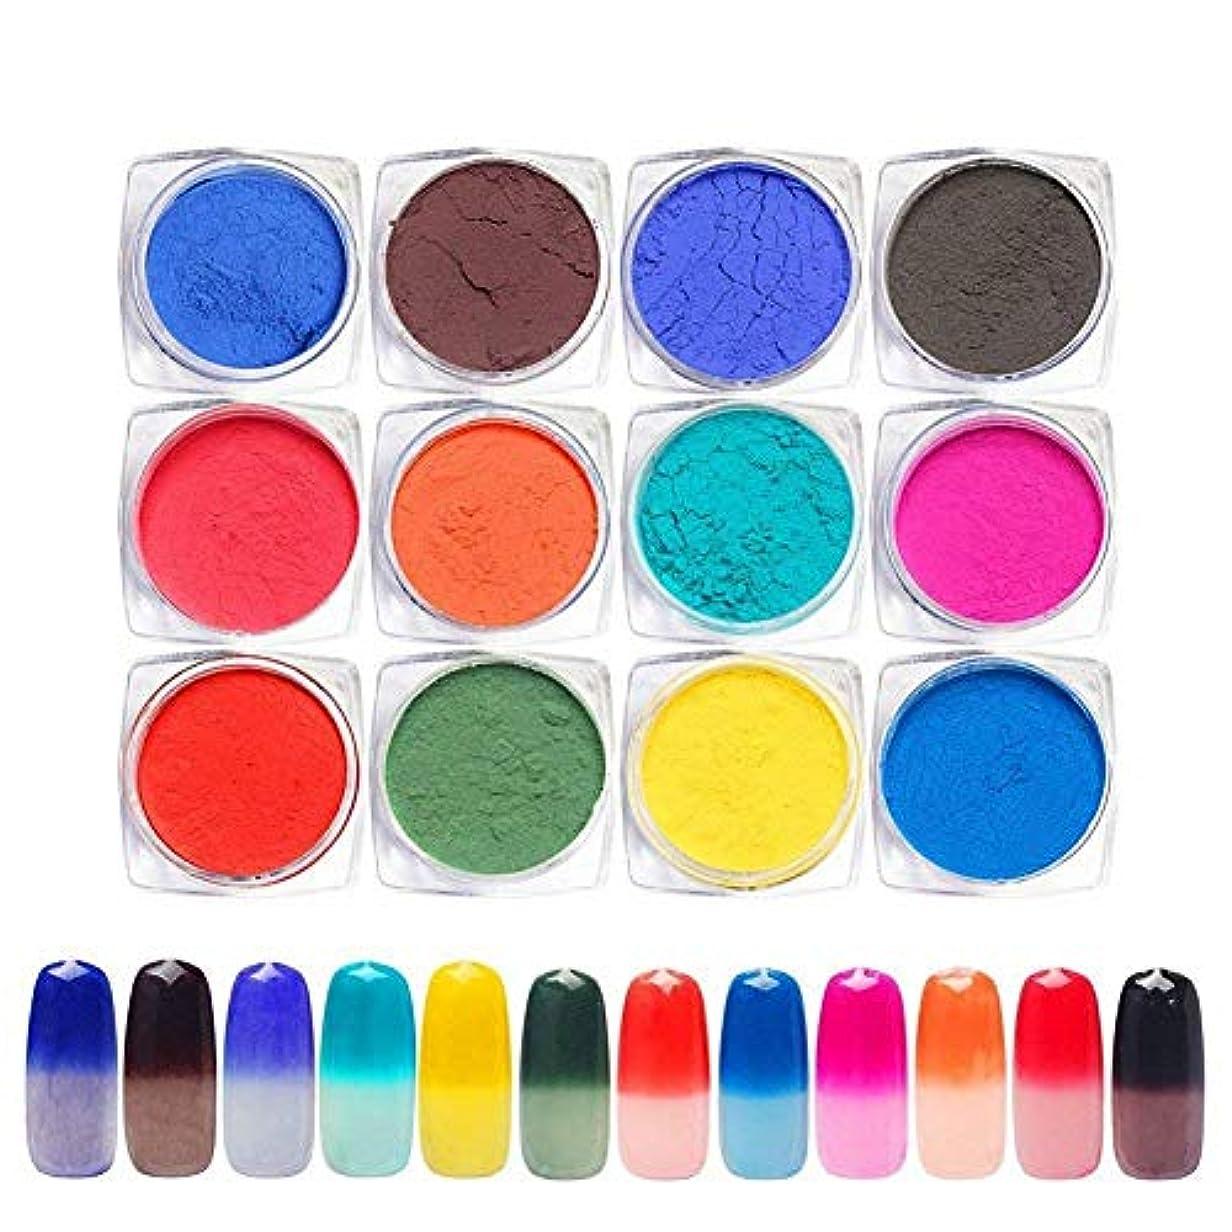 抑圧する作業バイナリ12色セット 温度によって色が変わるパウダー 変色ネイルパウダー ネイルパーツ ジェルネイル ネイルアート1g入り